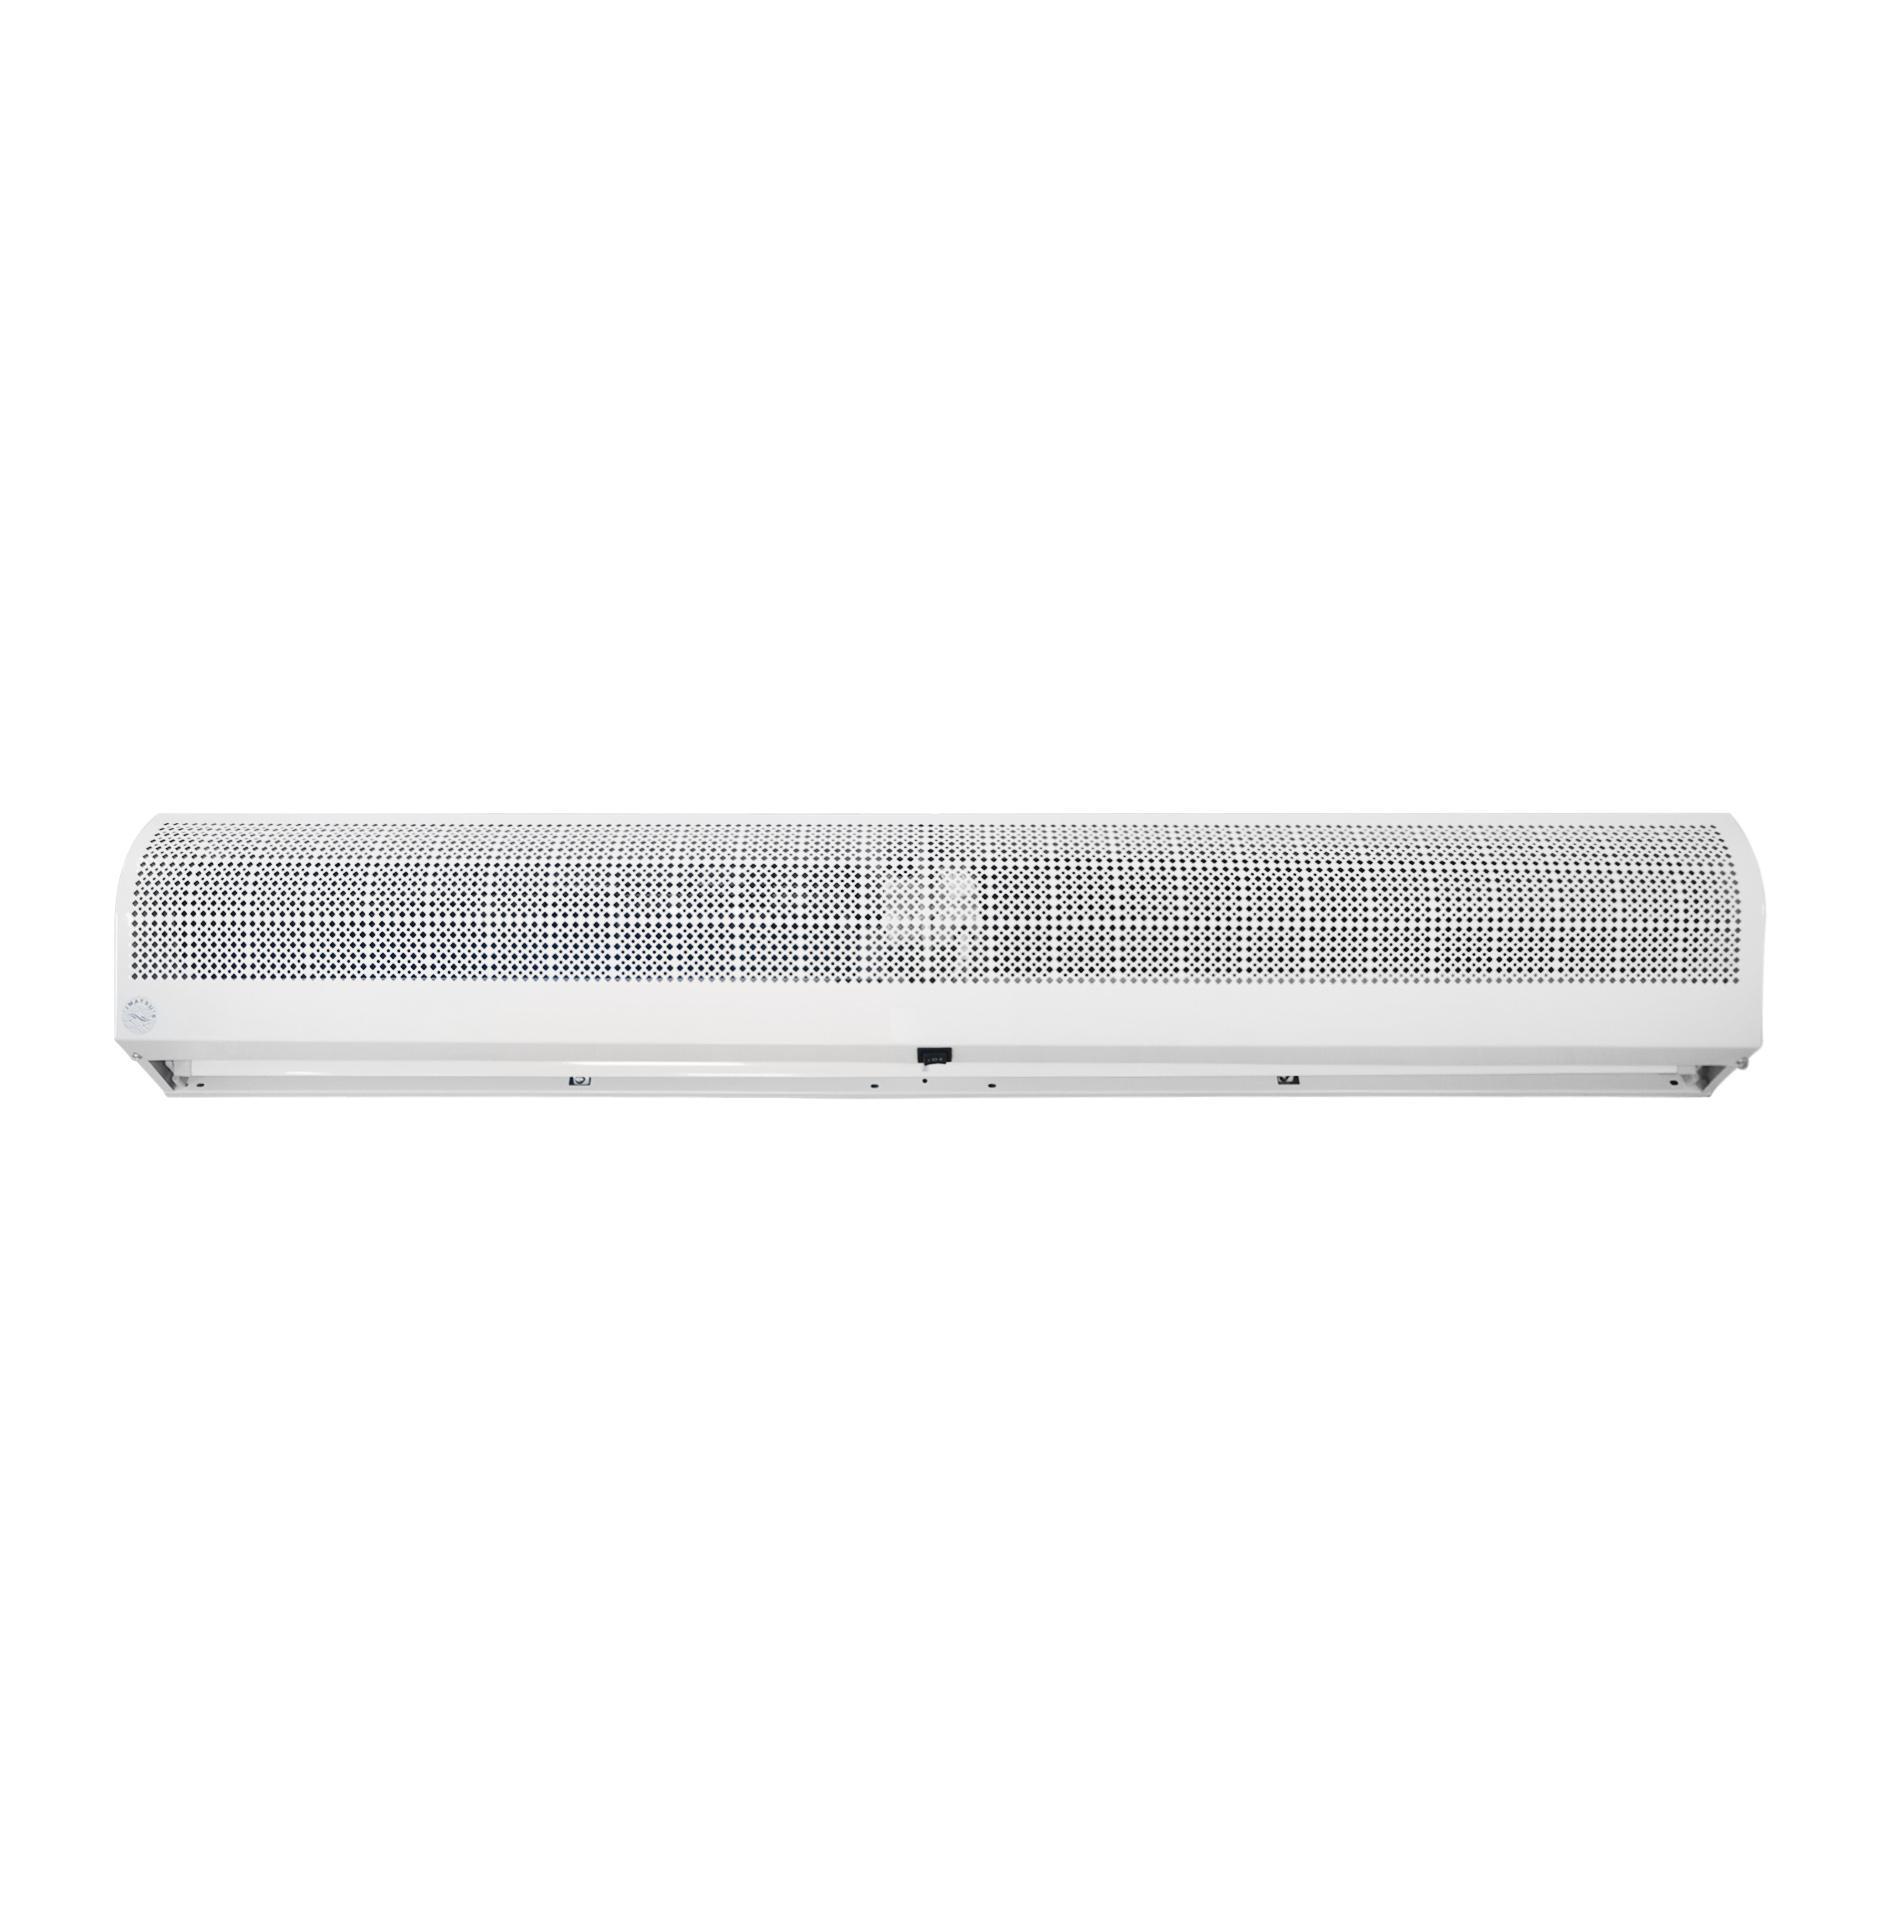 Air Curtain Blower Imatsu AC-FM-3520-CY Angin Toko Gedung Kantor Hotel Pintu Masuk Nyaman Sejuk Segar Fresh Tirai Udara